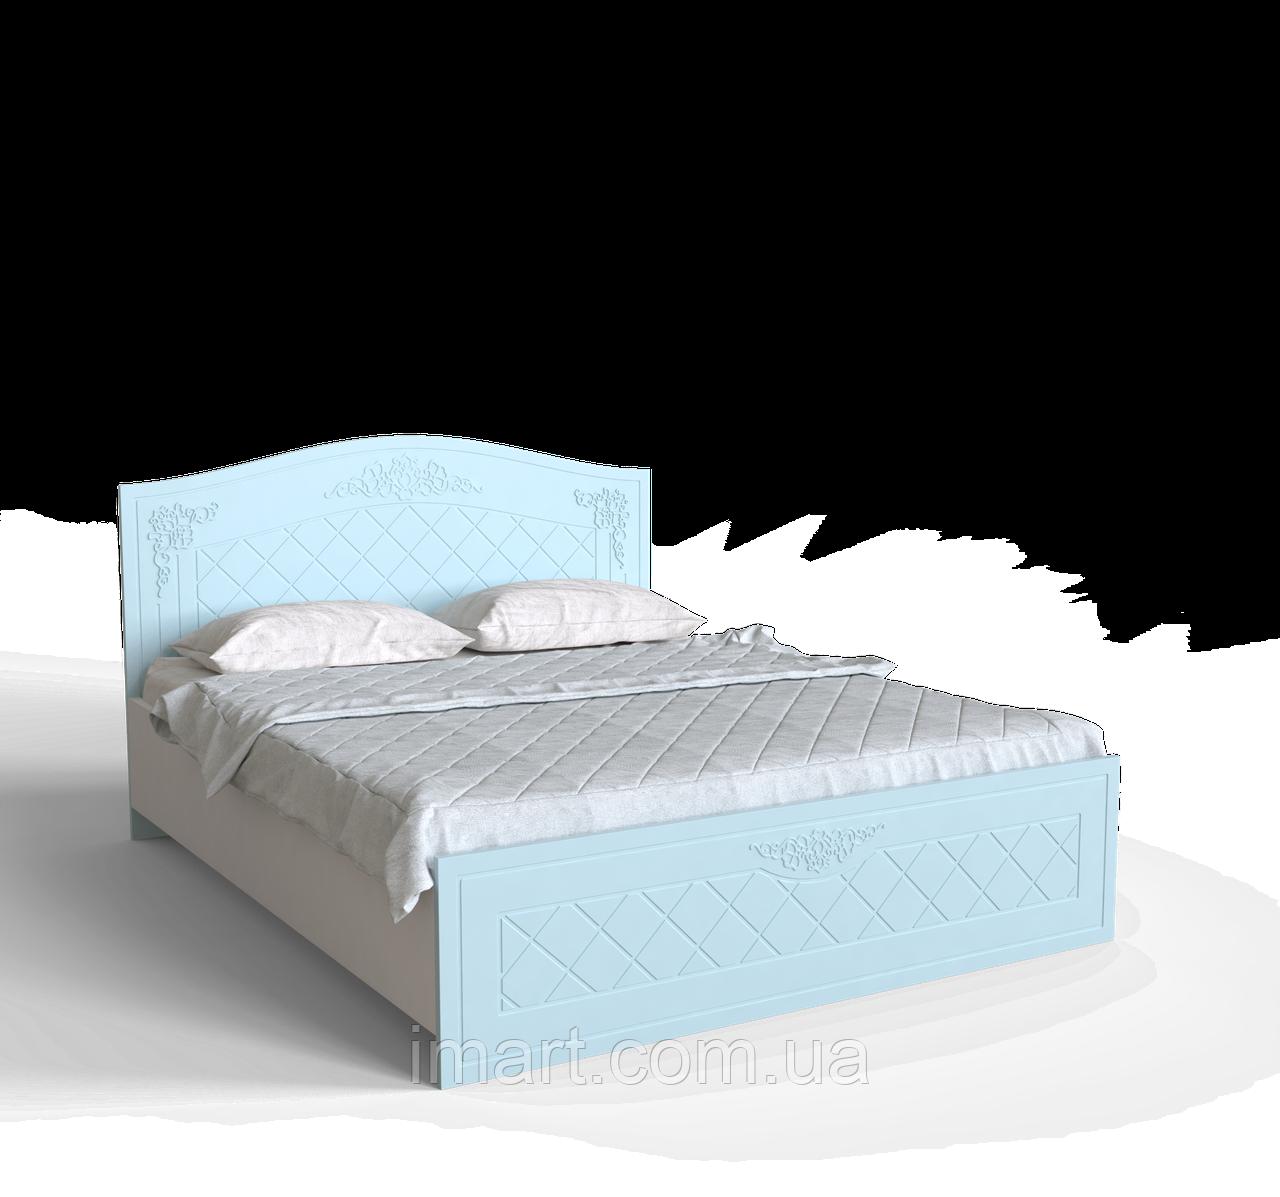 Ліжко Amelie Блакитна лагуна (1400*2000)